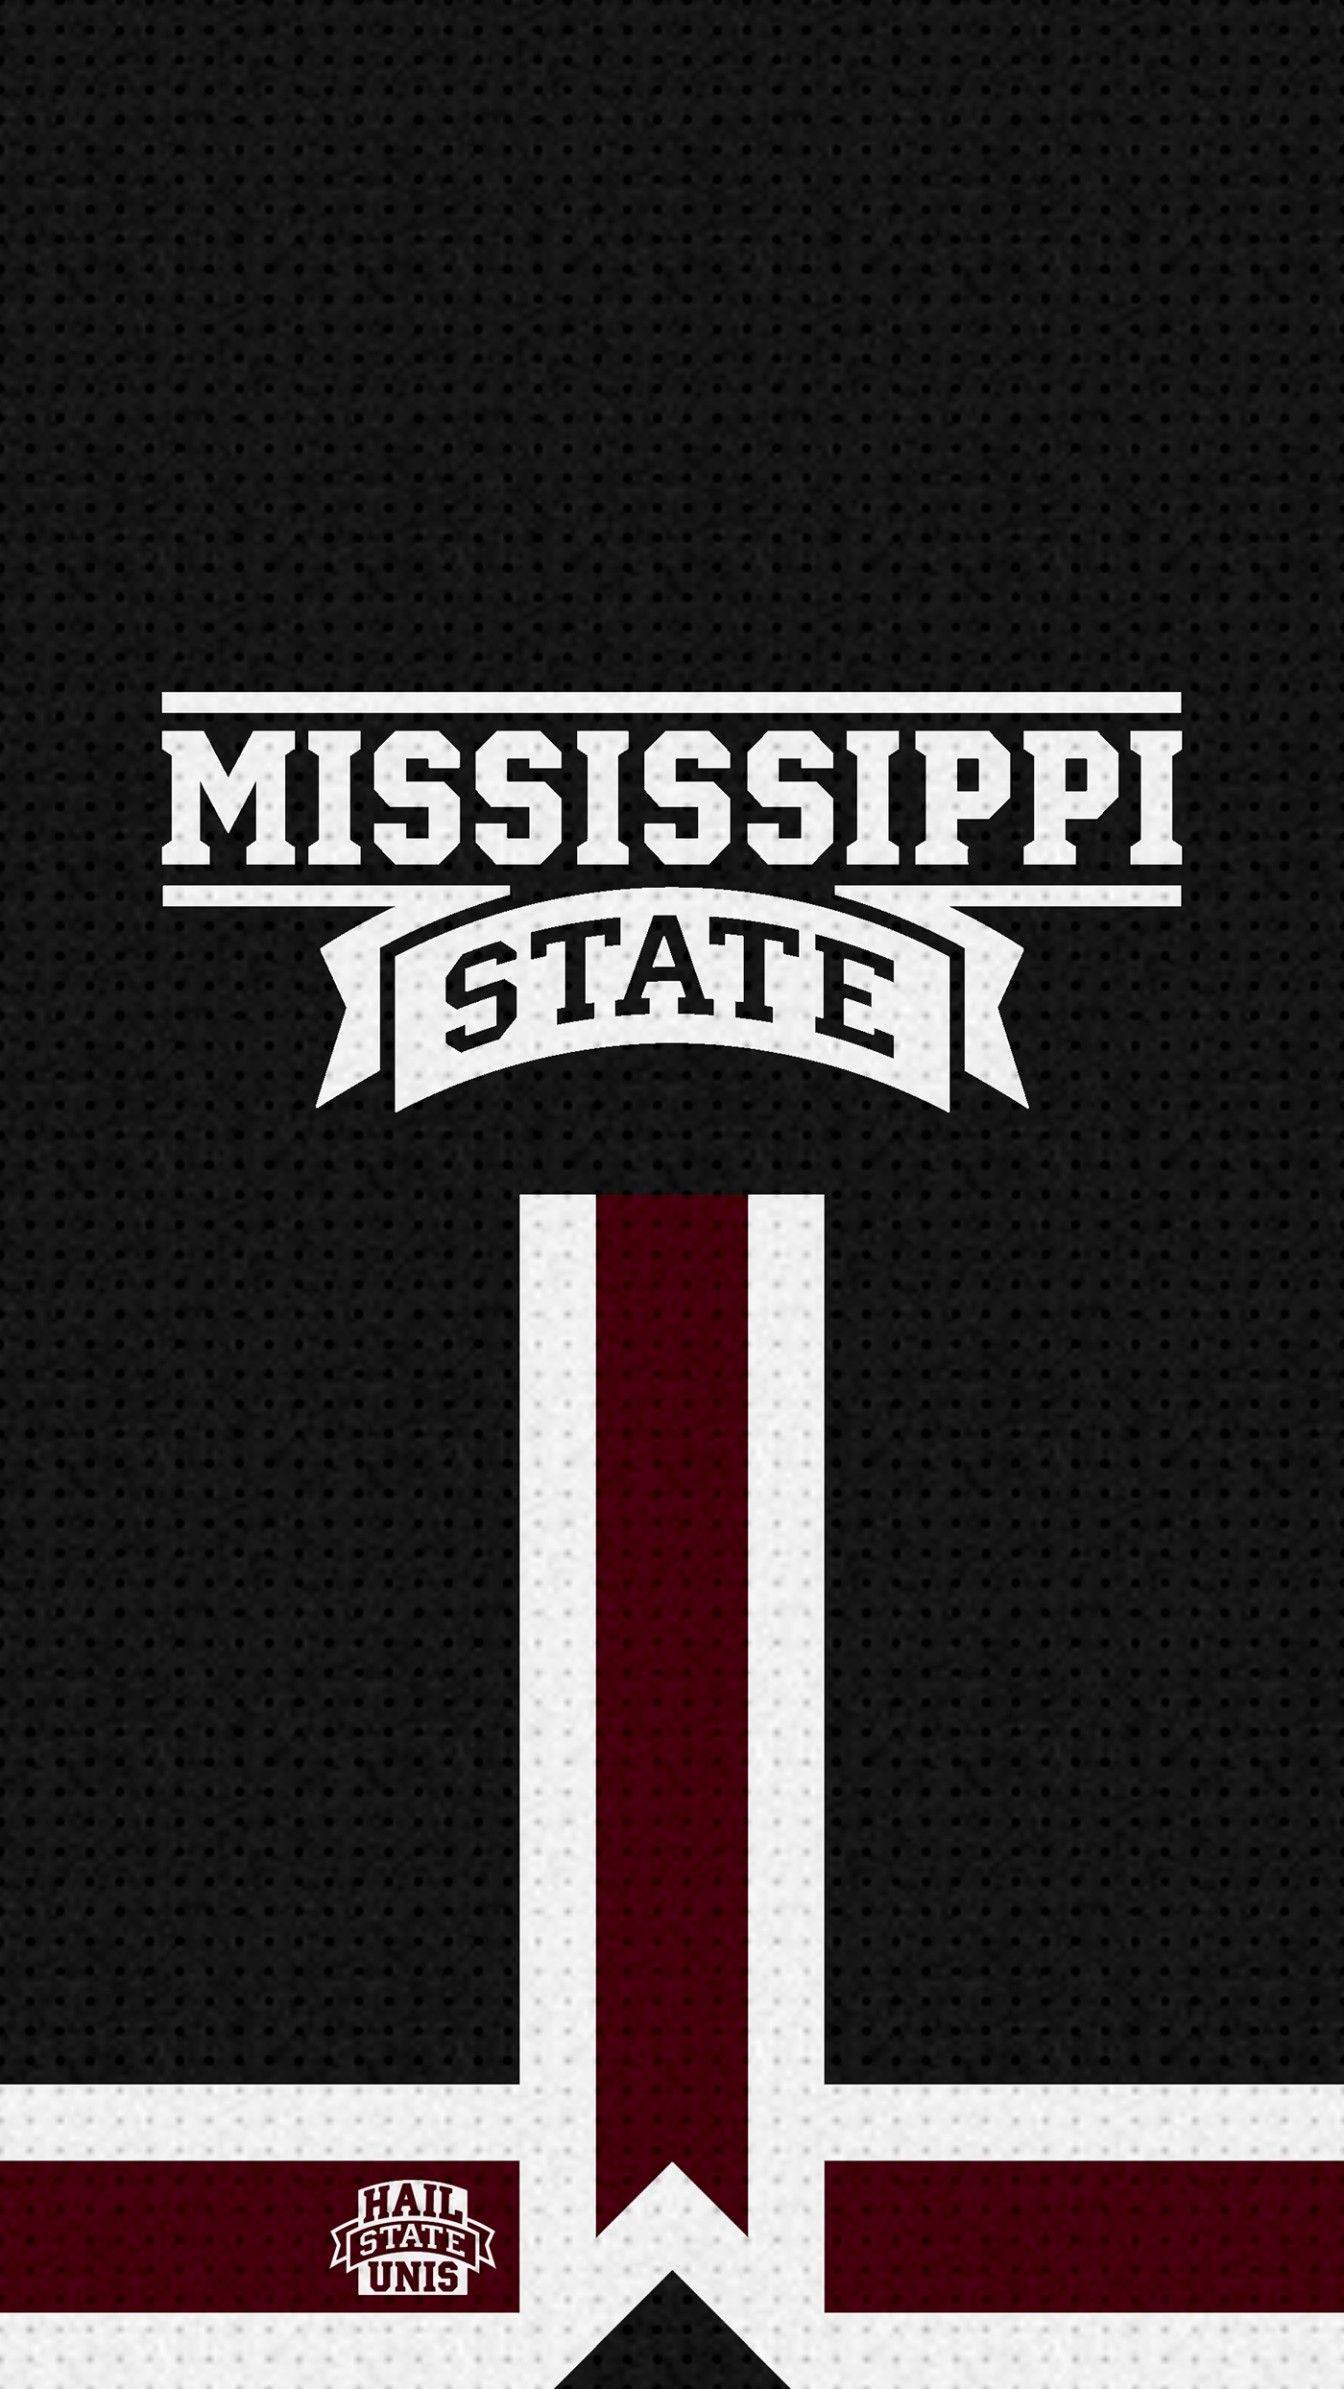 Mississippi State Baseball Logo Wallpaper Wwwtollebildcom